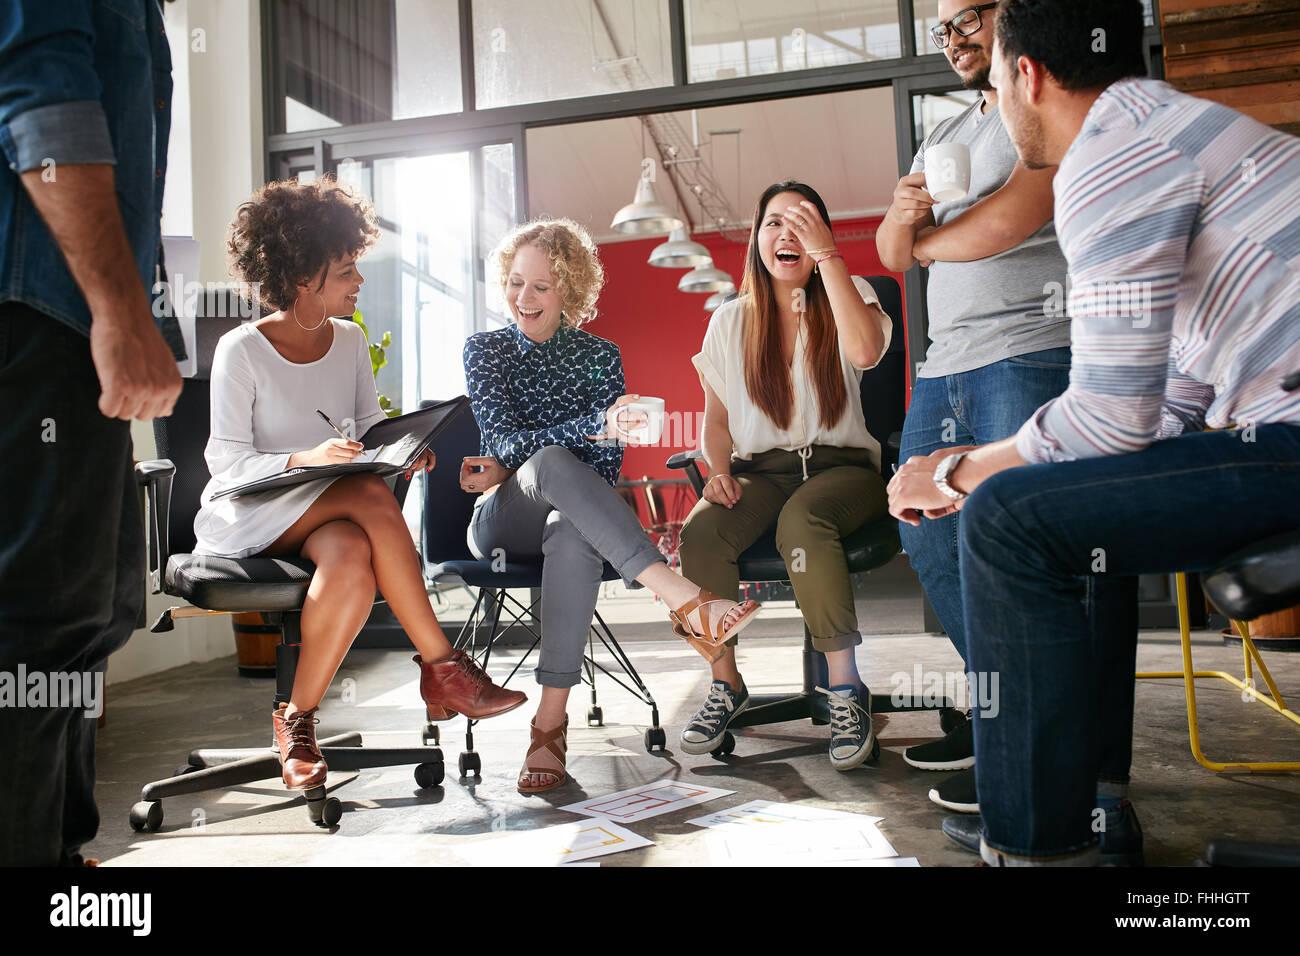 Tiré d'un groupe de jeunes professionnels ayant une réunion d'affaires. Groupe diversifié de jeunes designers smiling Banque D'Images